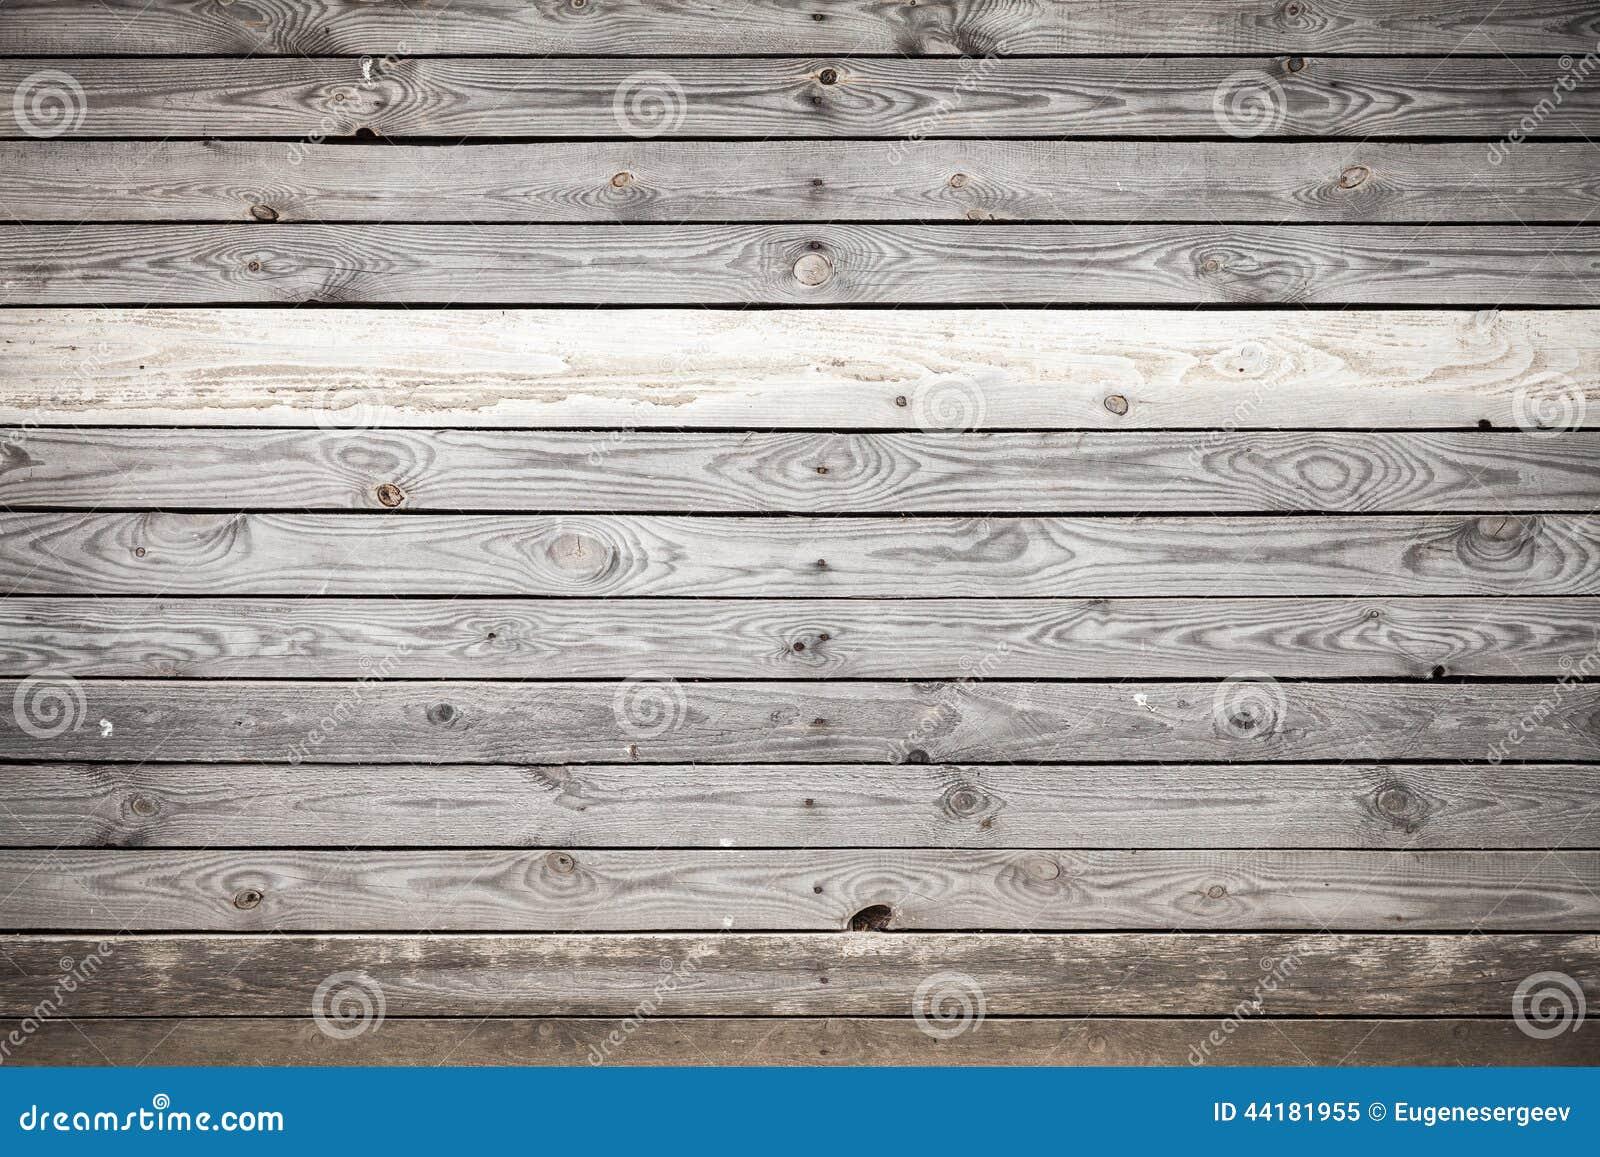 vieux mur en bois gris texture de fond image stock image du panneau brun 44181955. Black Bedroom Furniture Sets. Home Design Ideas